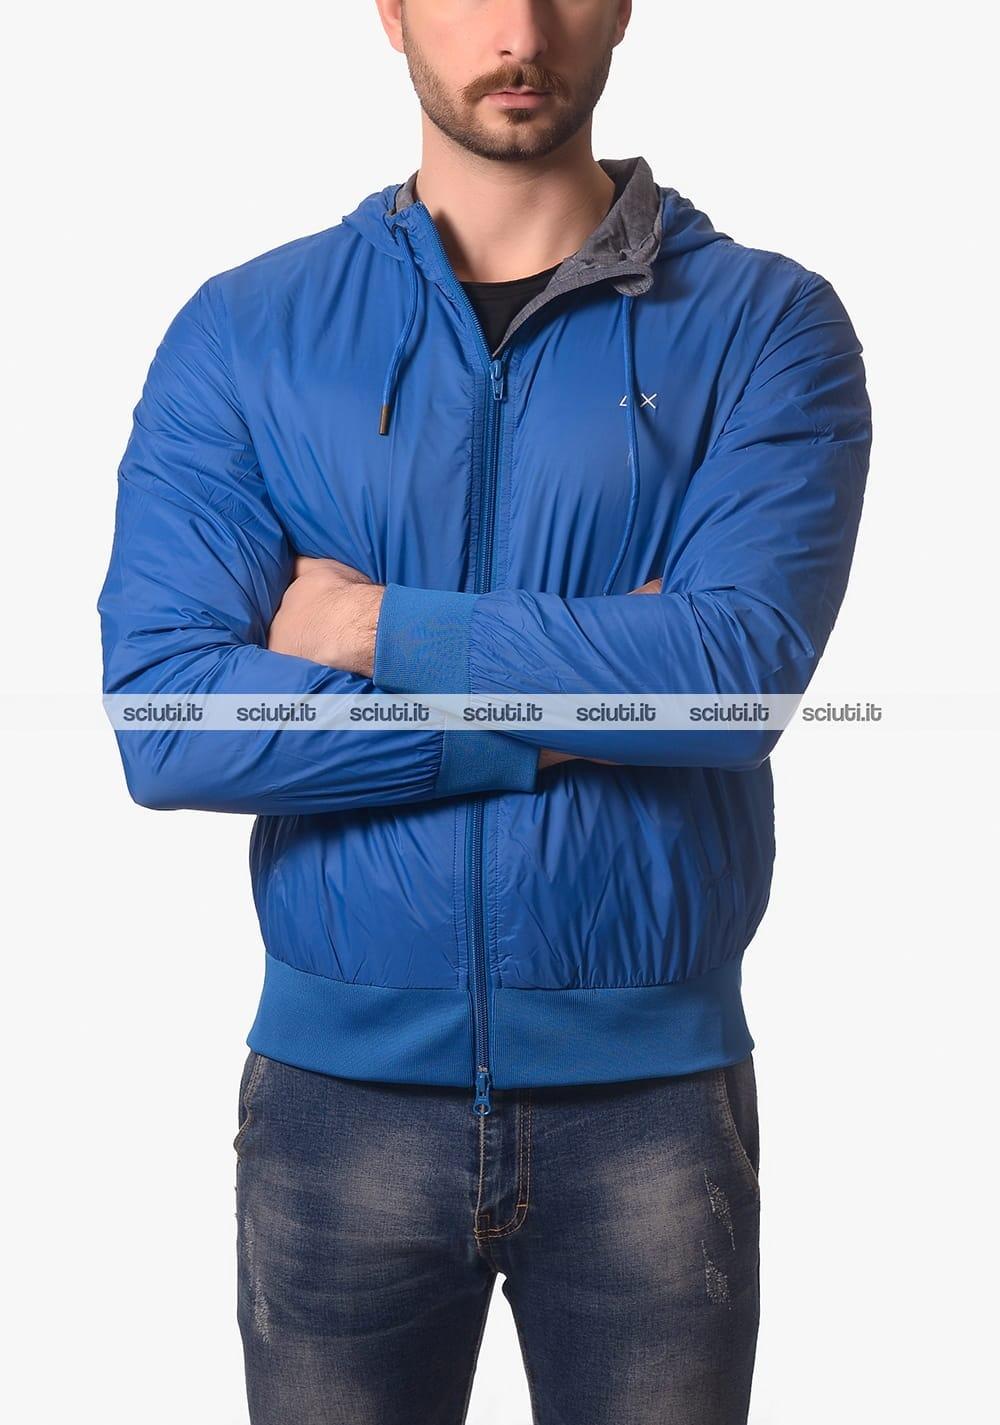 Giubbotto lana uomo cappuccio